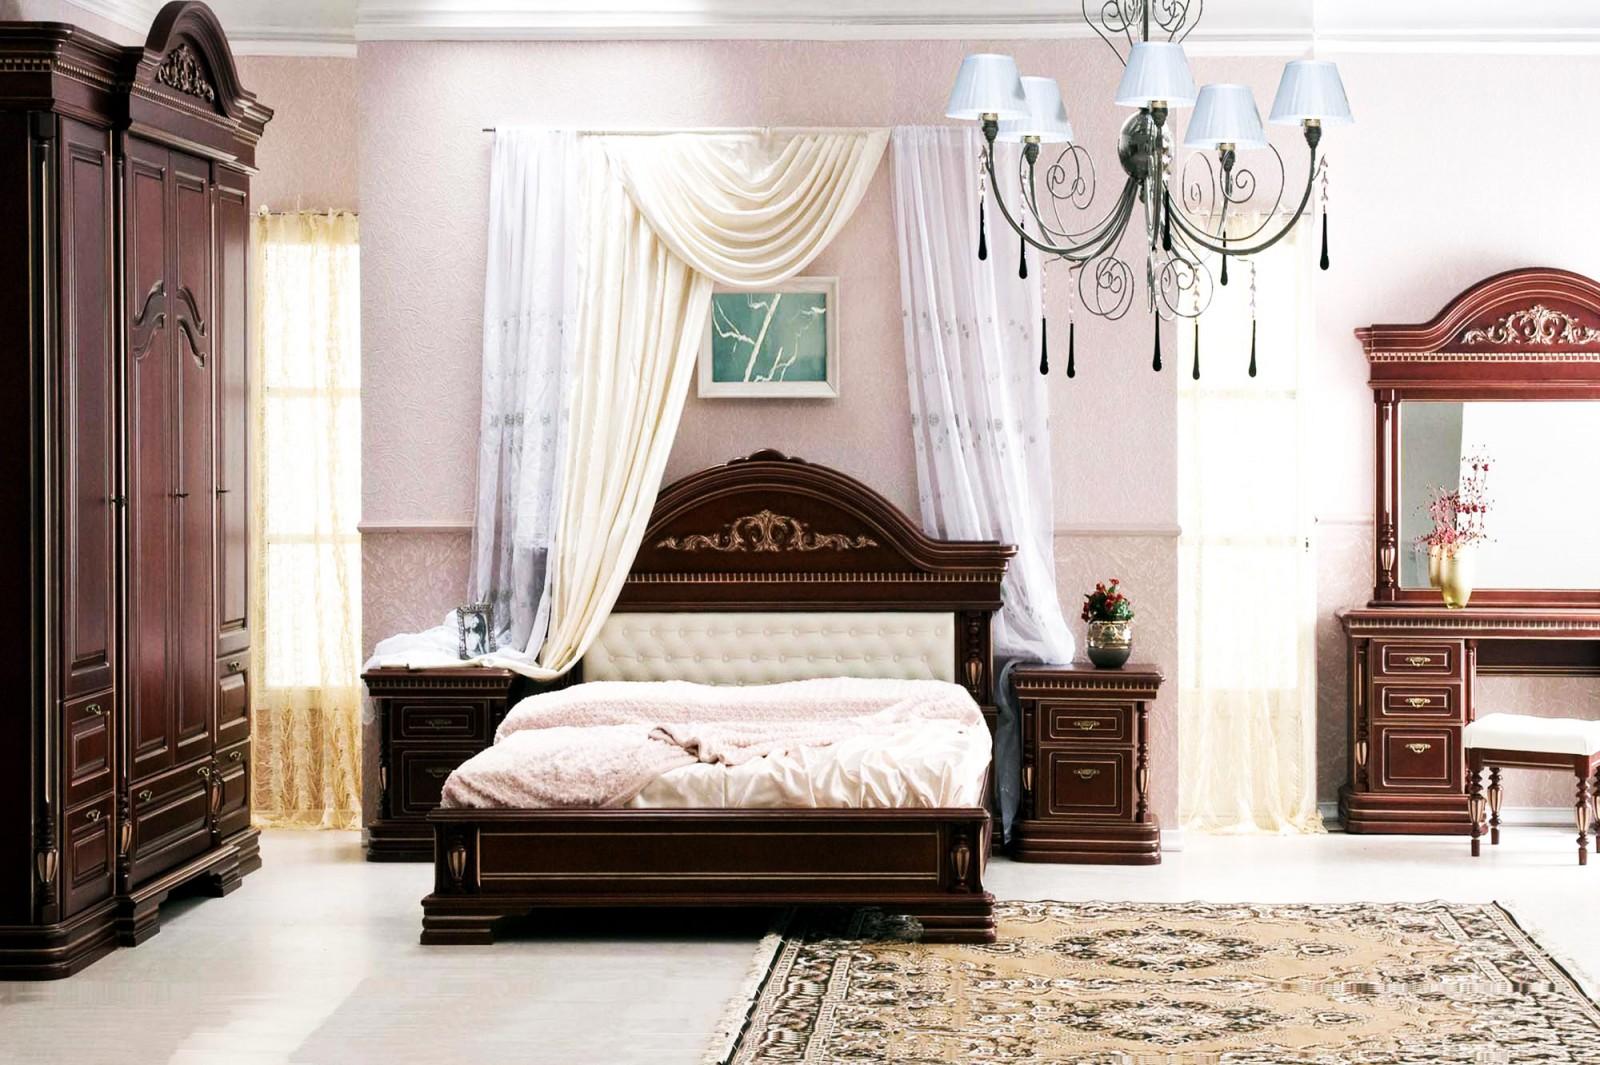 спальный гарнитура в интерьере спальни в классическом стиле